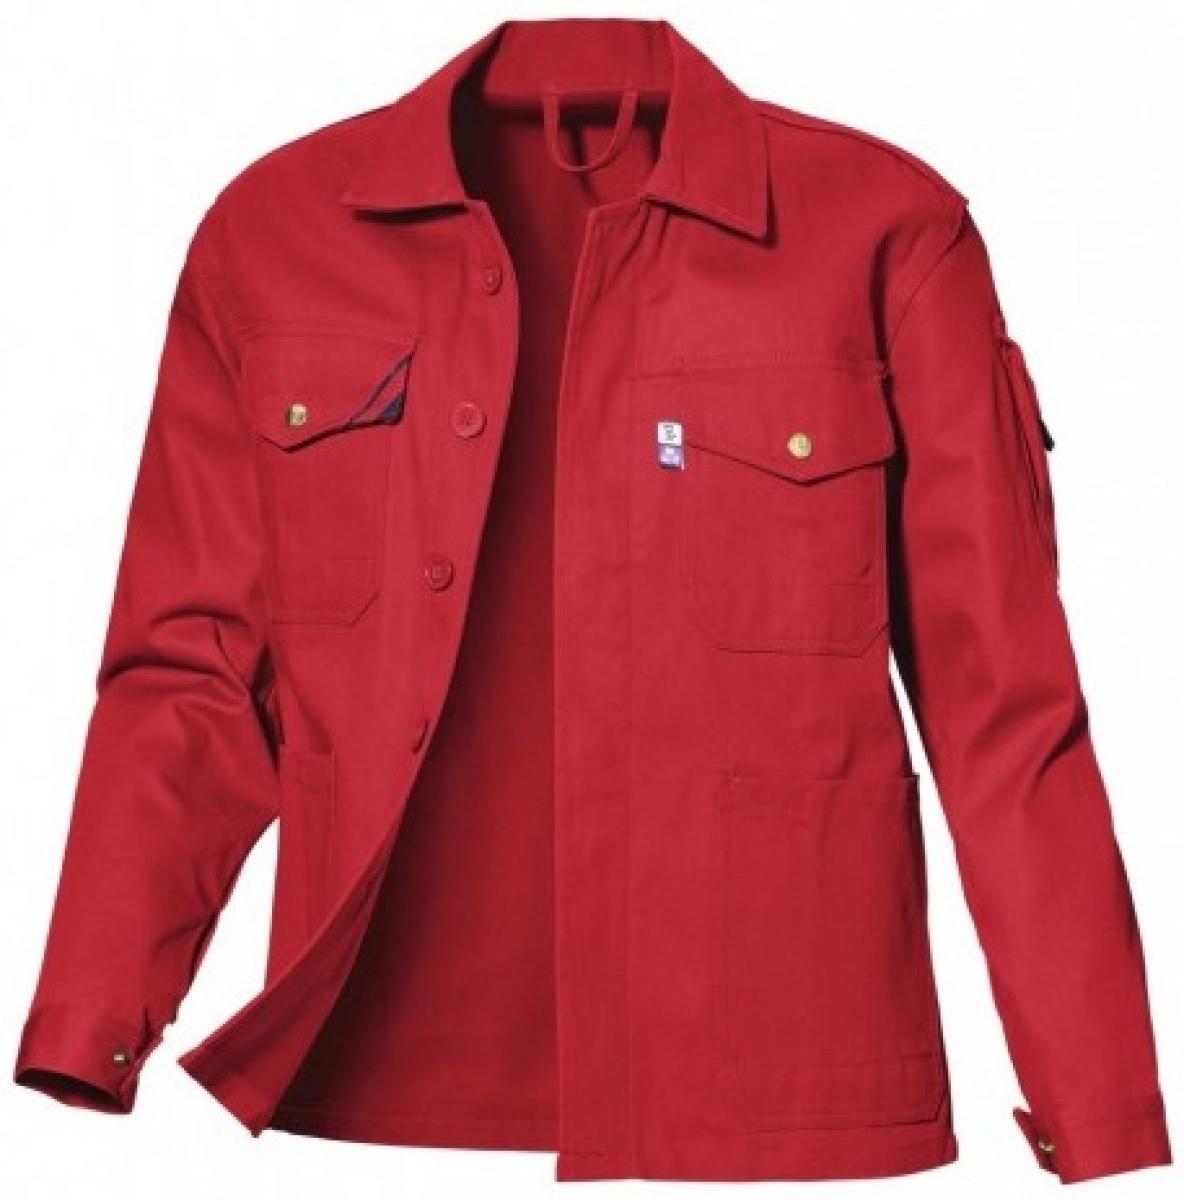 PKA-Arbeits-Berufs-Bund-Jacke, Star, BW310, rot